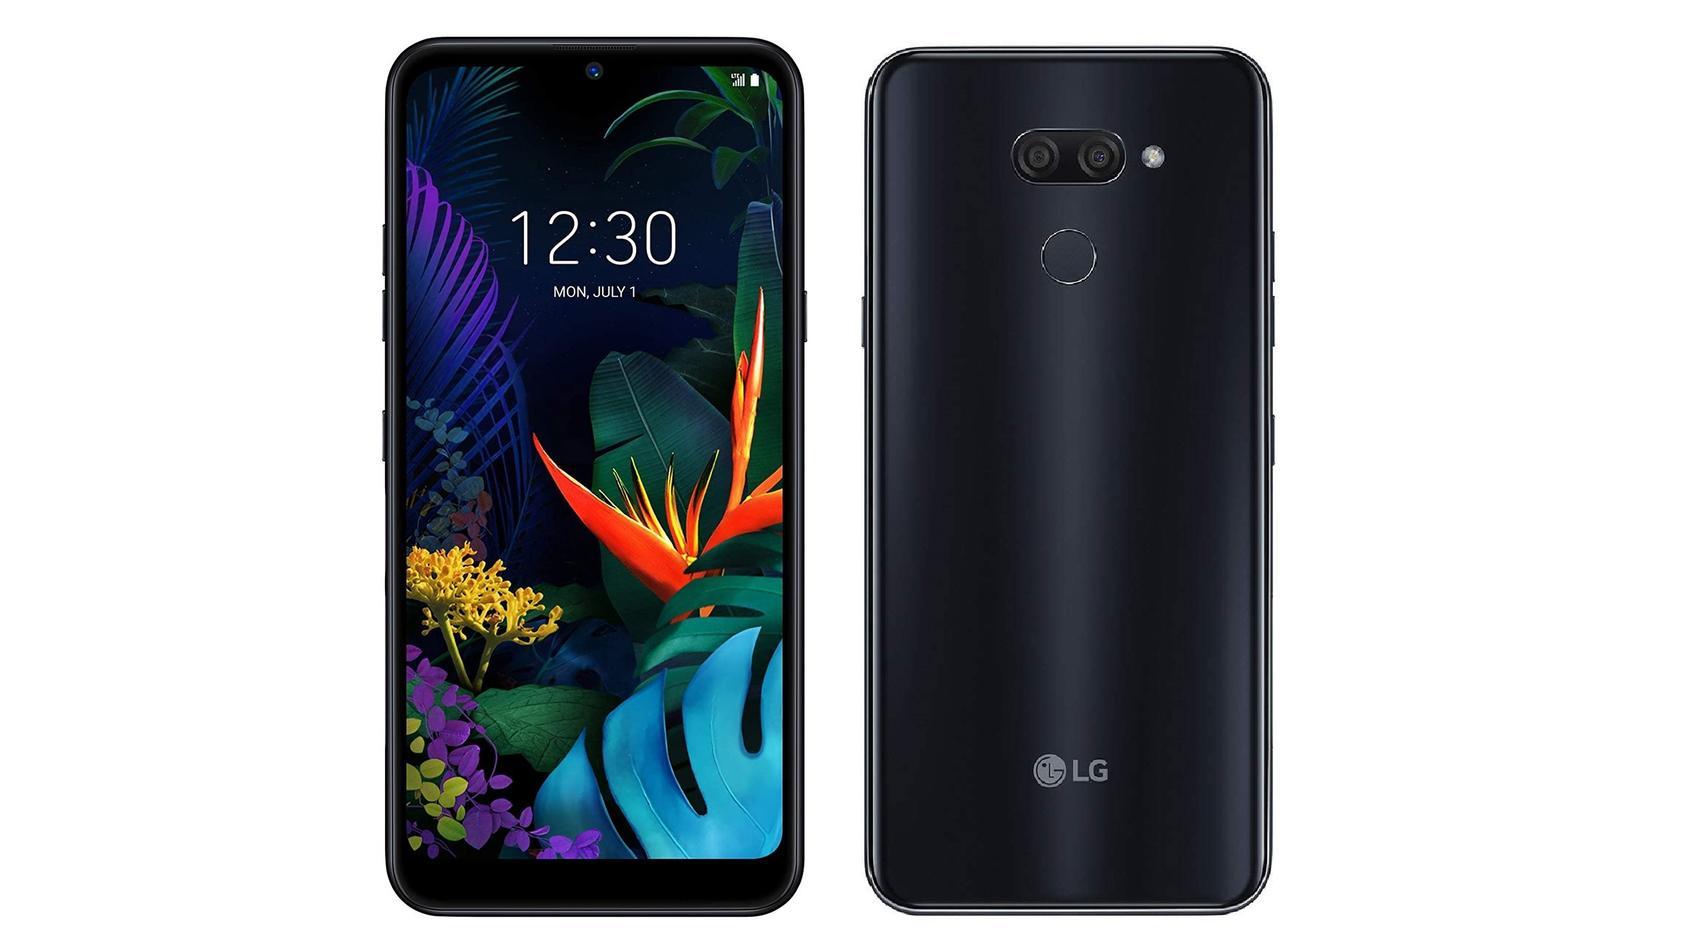 Bei Aldi gibt es Handys für unter 100 Euro: Links das LG K50 und rechts das Neffos C9 Max.